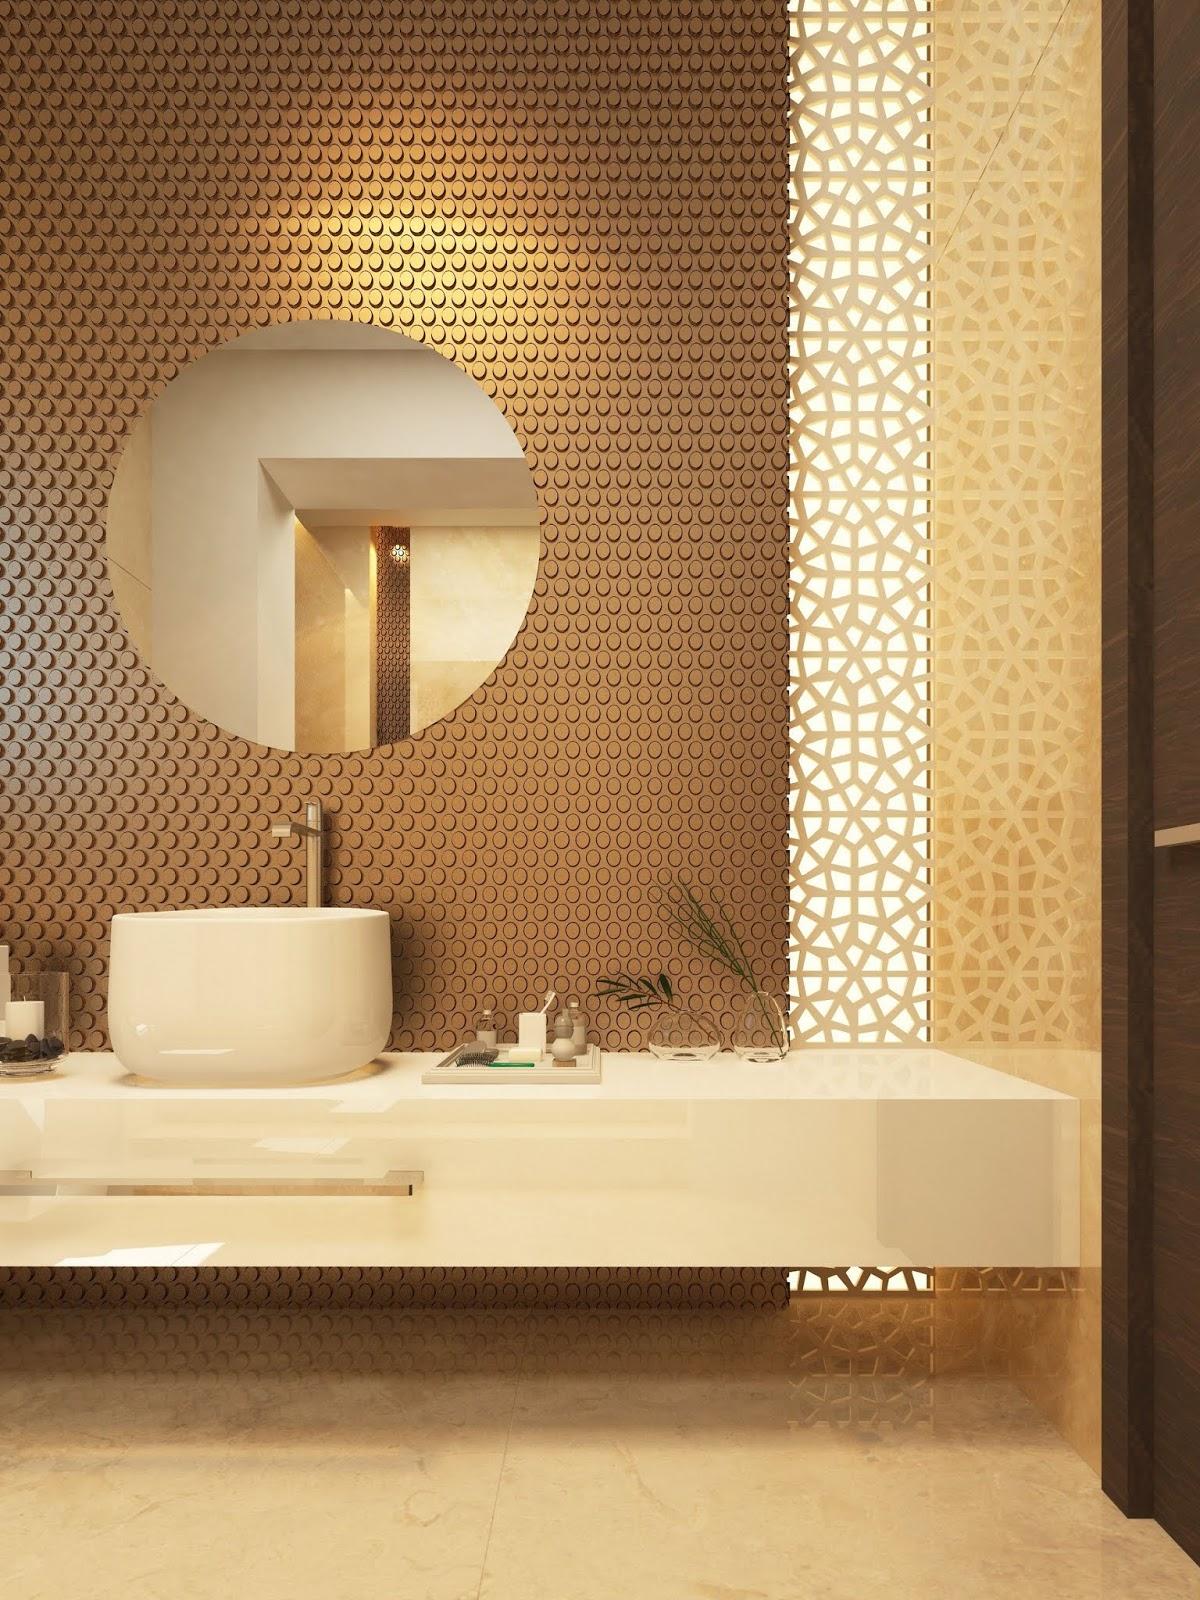 Wonderful Concept of Toilet Decor Concept